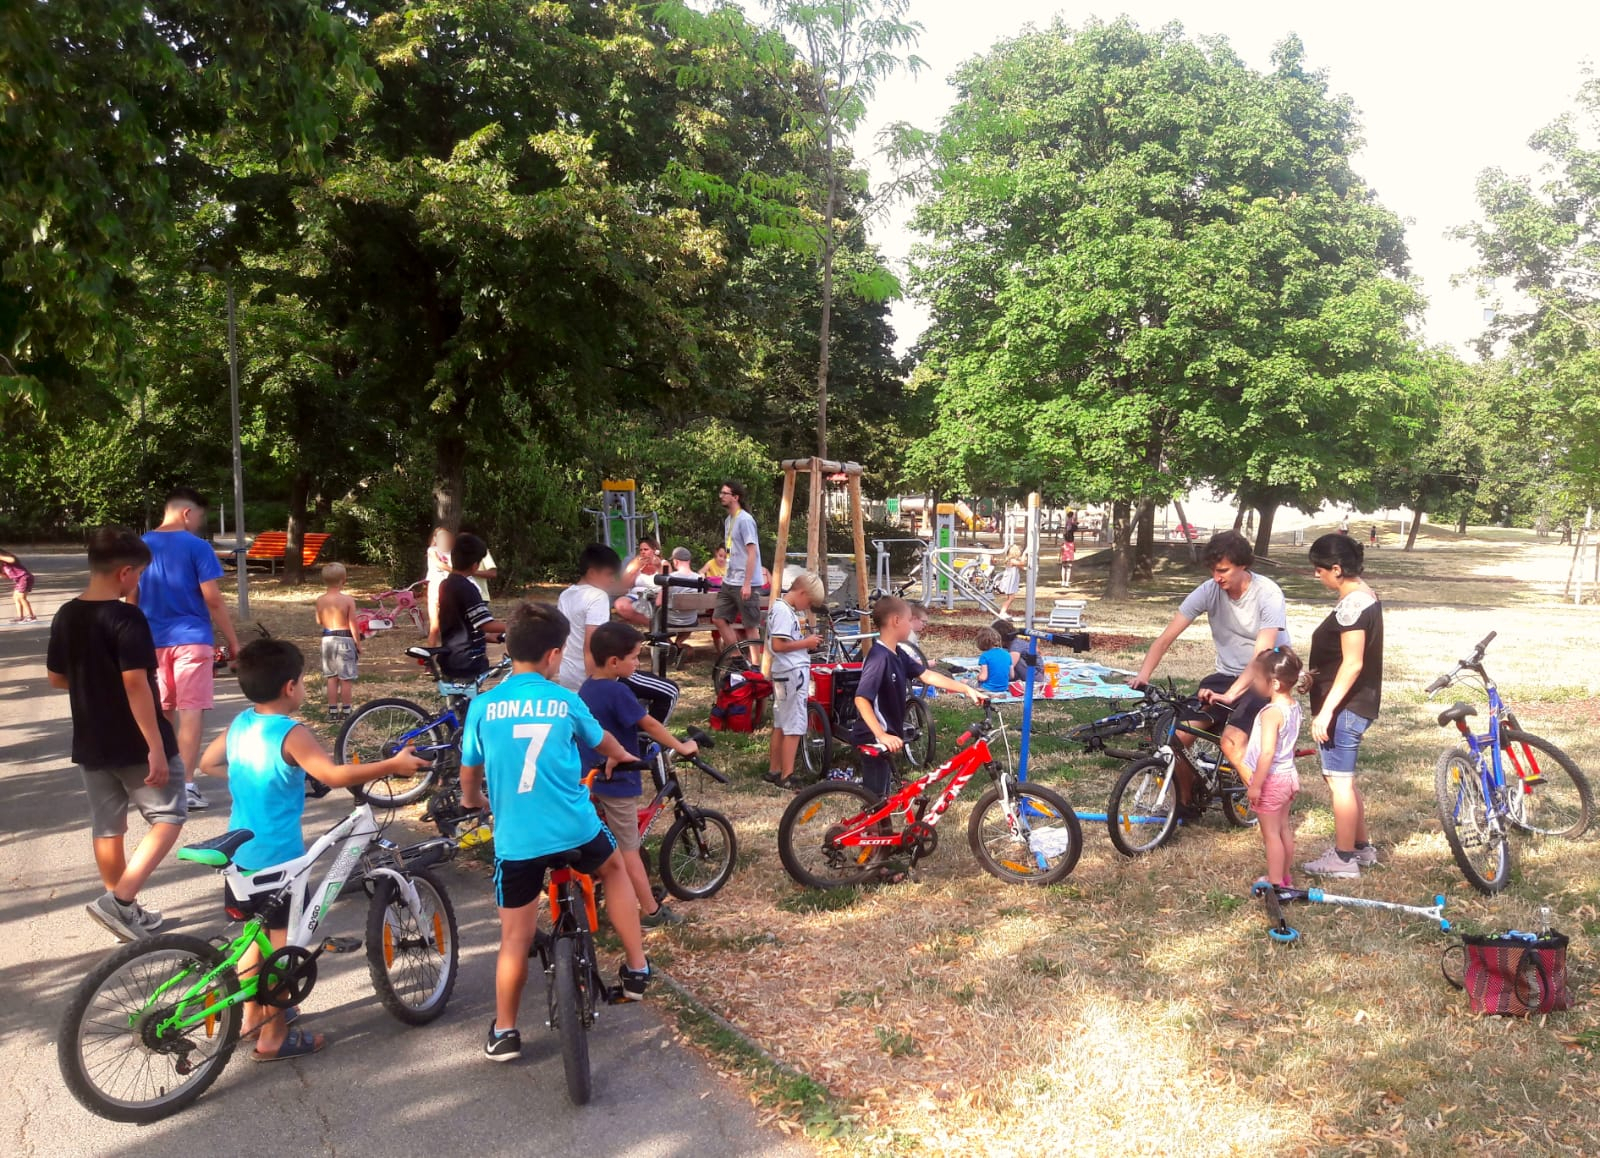 Haufenweise Kinder und Kinderfahrräder